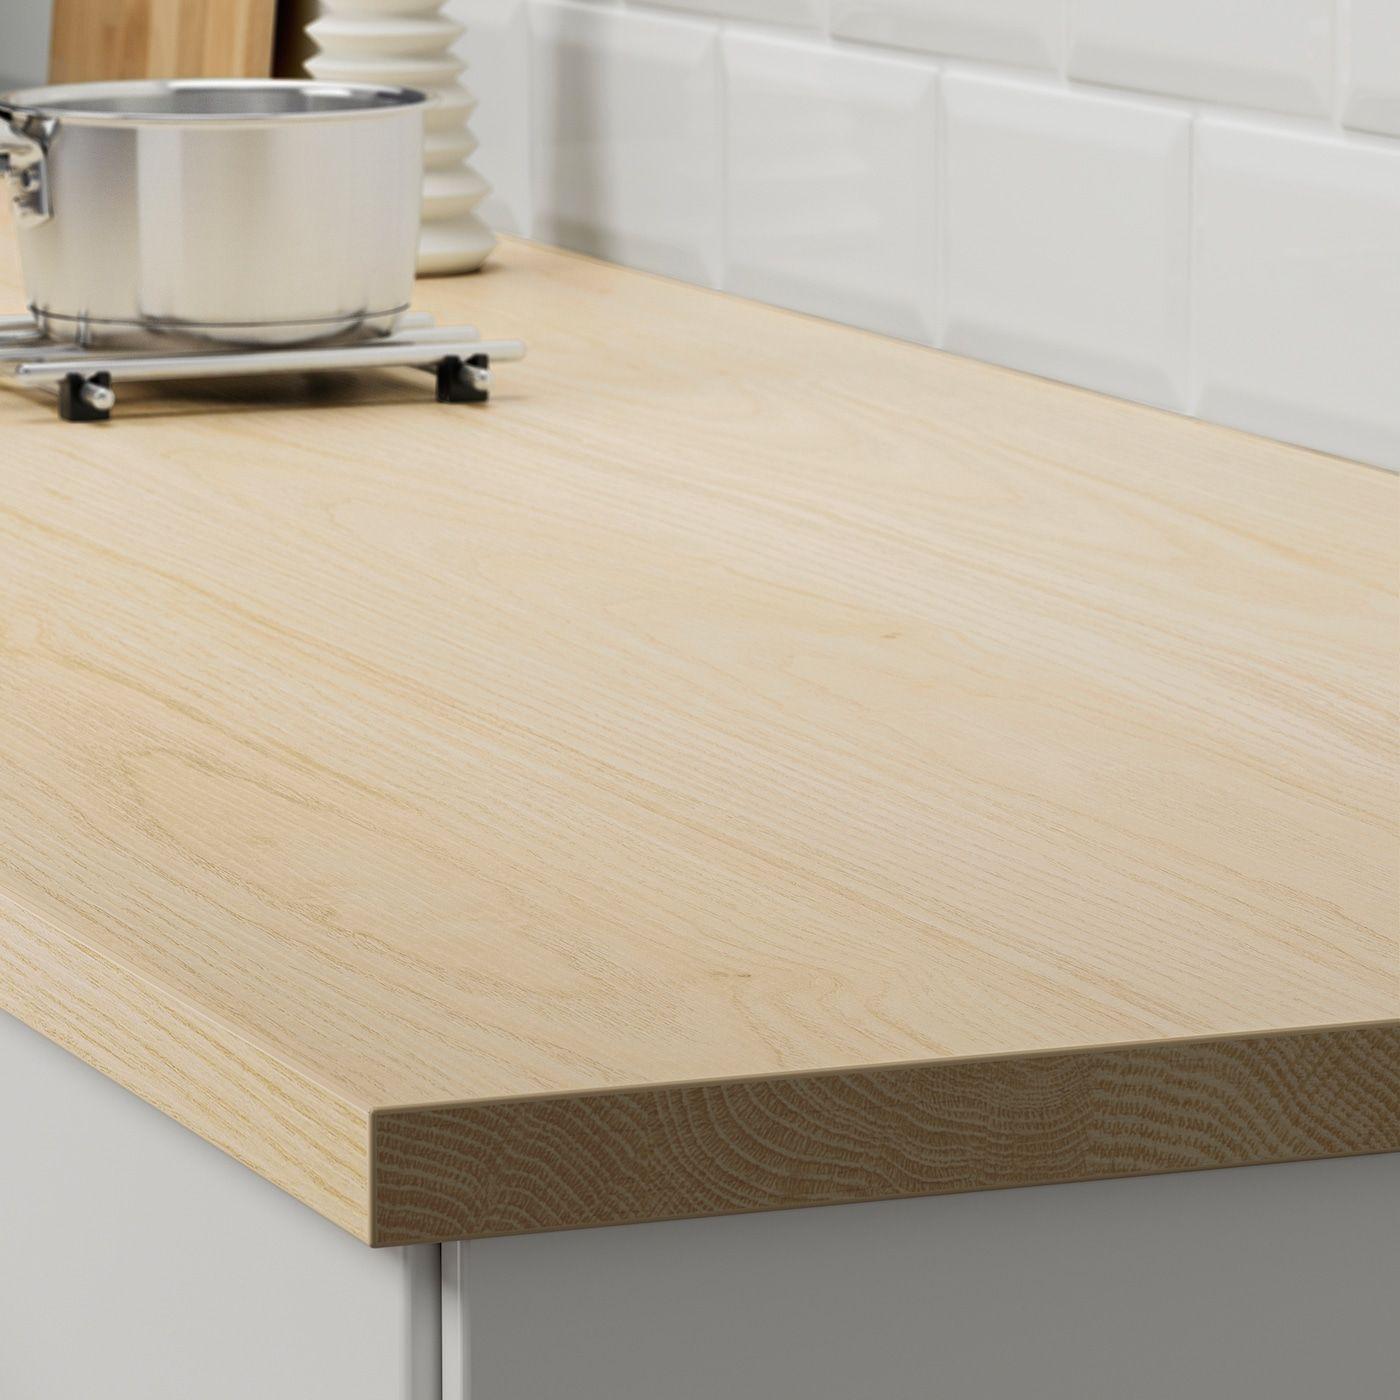 Ikea Ekbacken Ash Effect Laminate Countertop In 2020